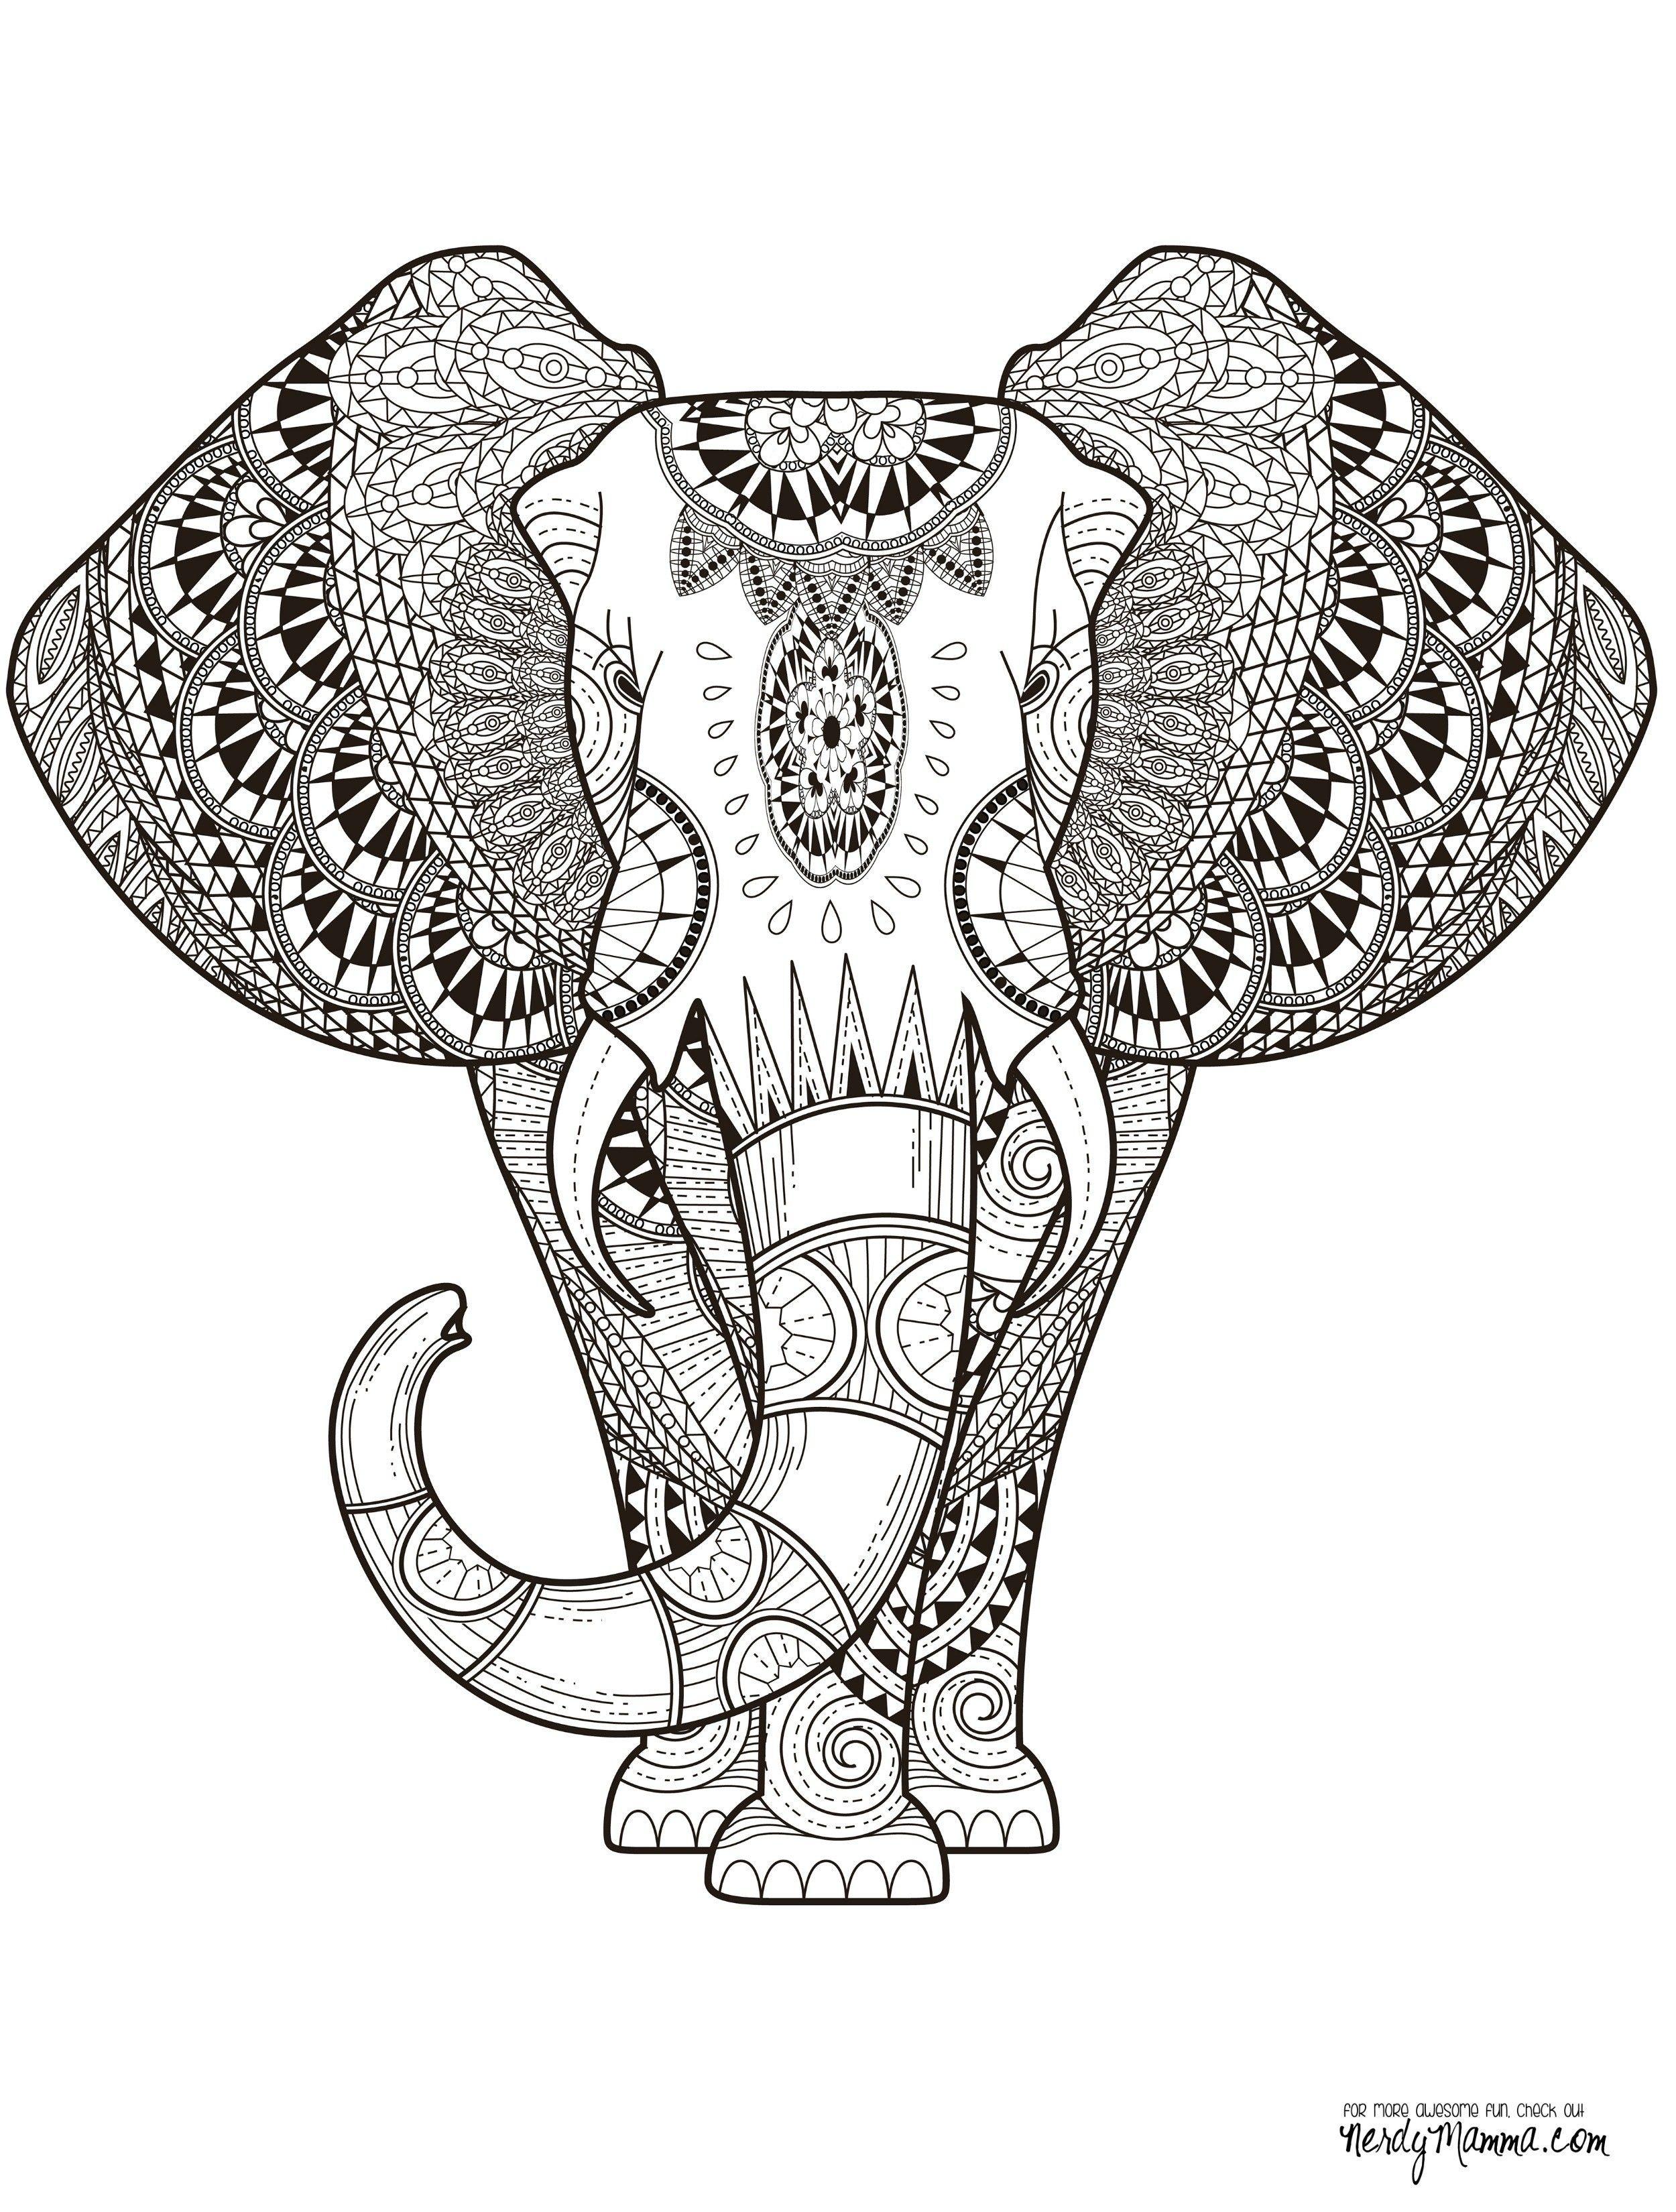 Animal Mandala Coloring Pages | Paisley coloring pages ... | colouring pages mandala animals